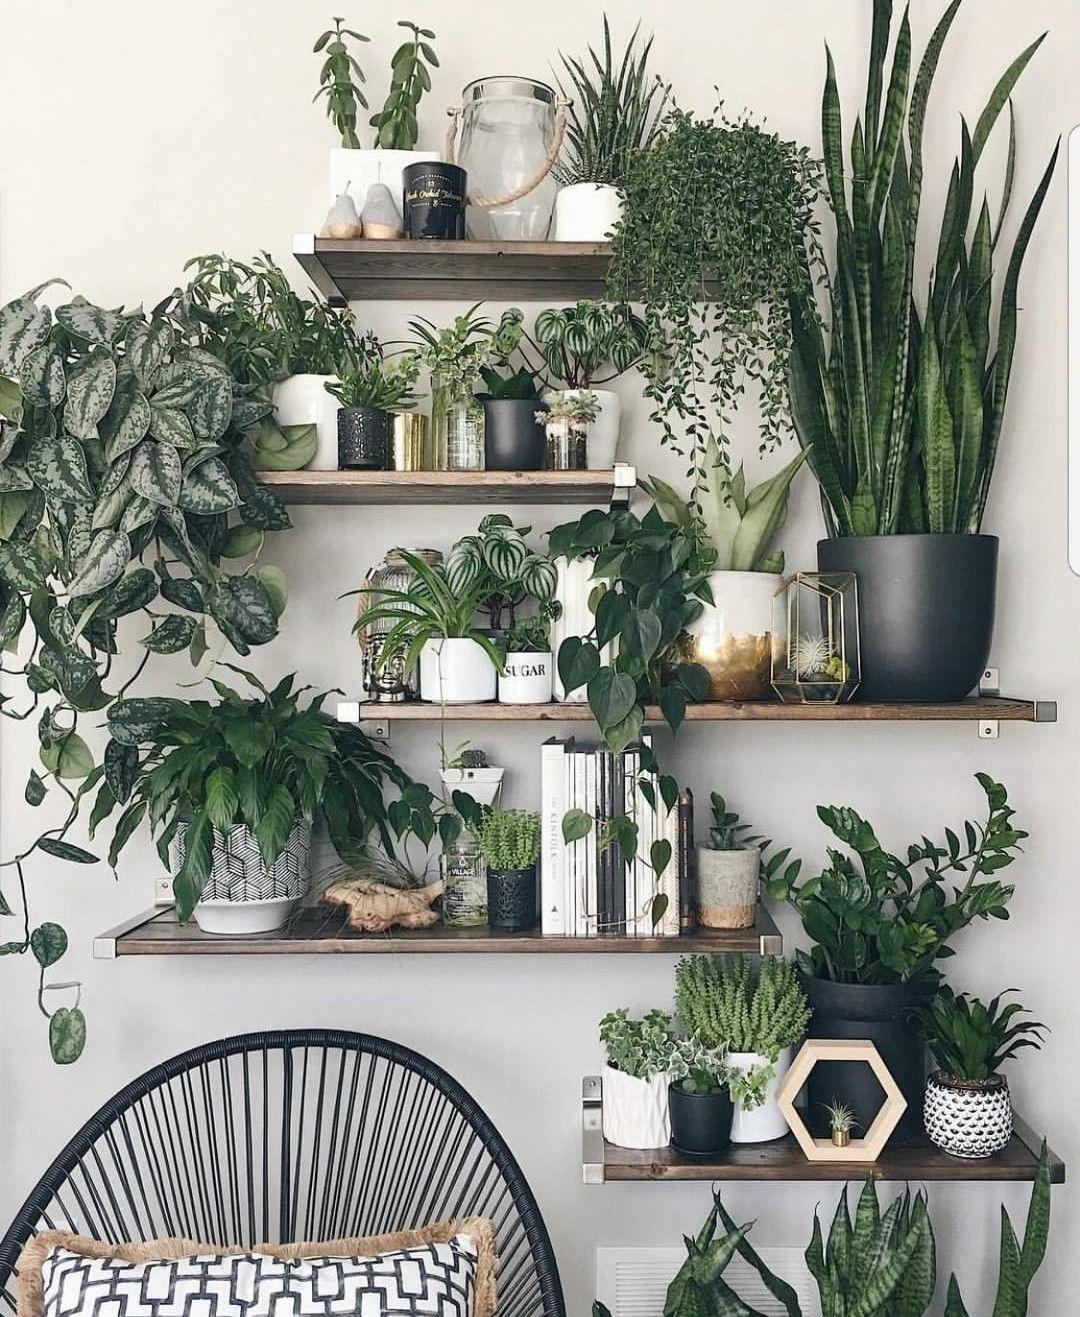 @melissamlo + @thepottedjungle | Plant decor, Boho master ... on Boho Master Bedroom Ideas  id=54508